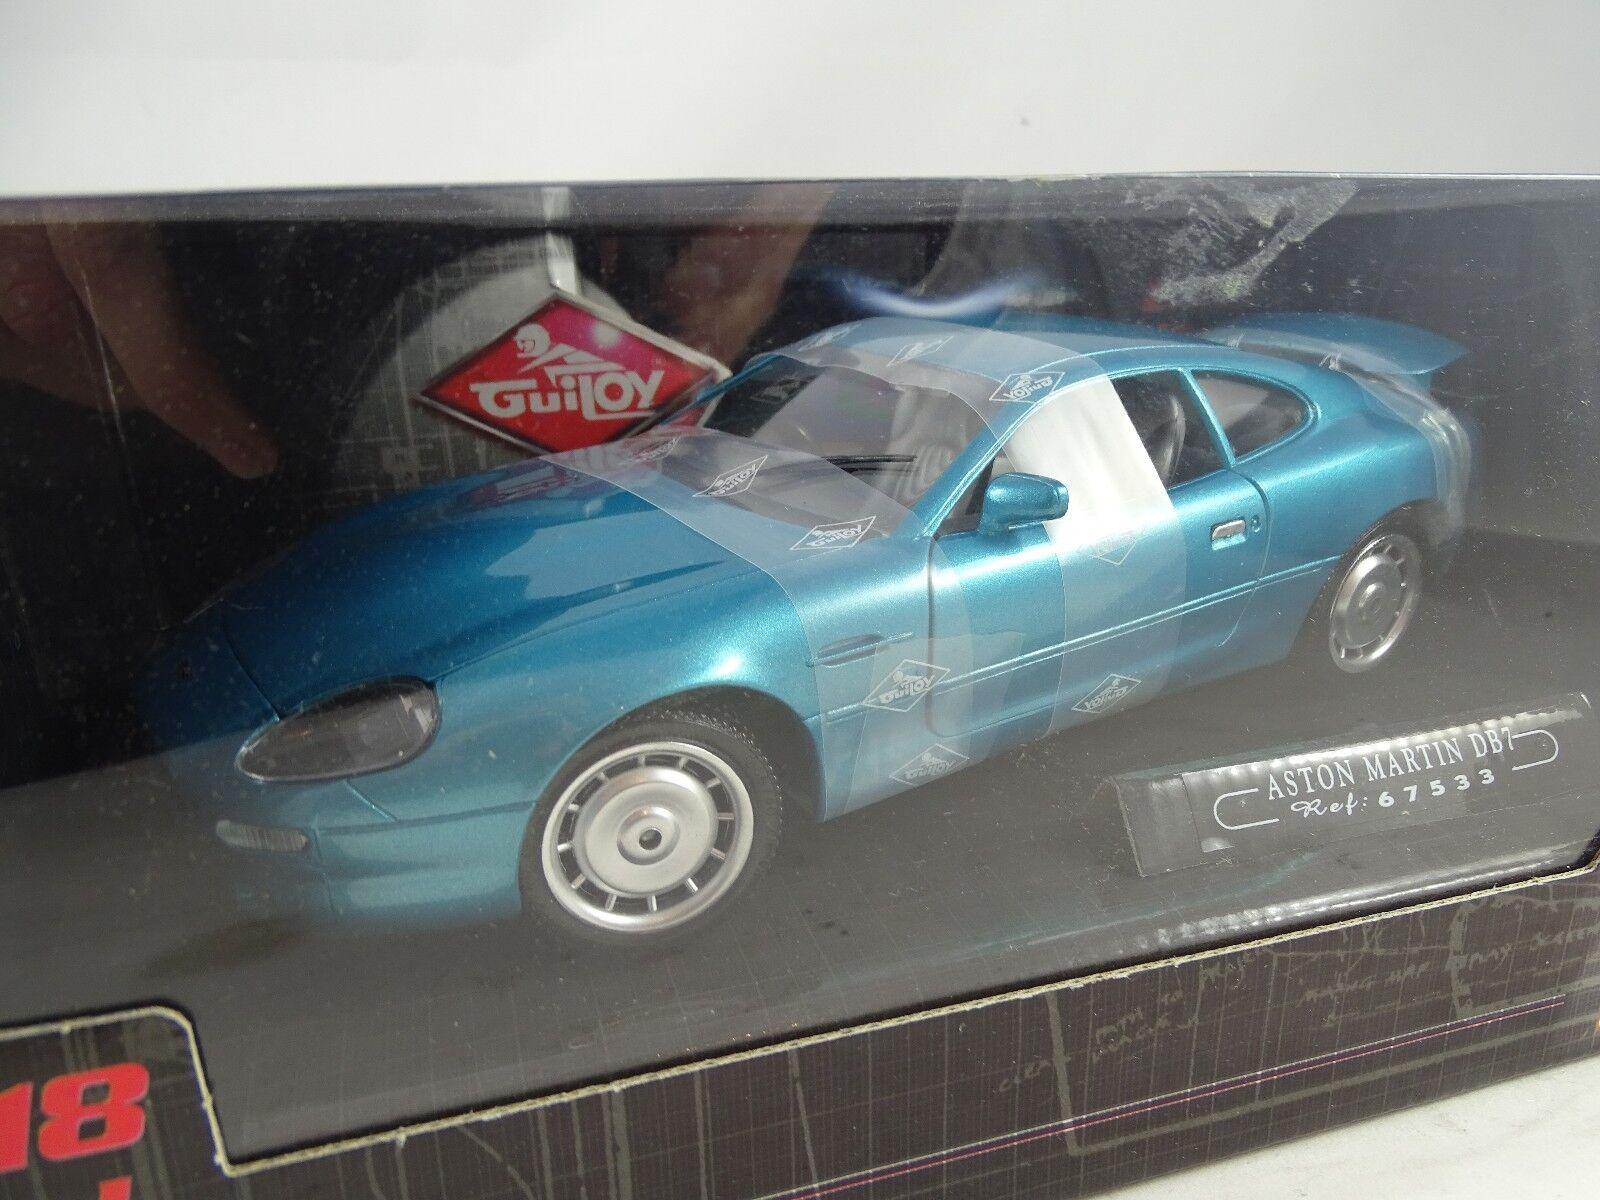 1 18 Guiloy Aston Martin DB7  türkisblue RARITÄT §